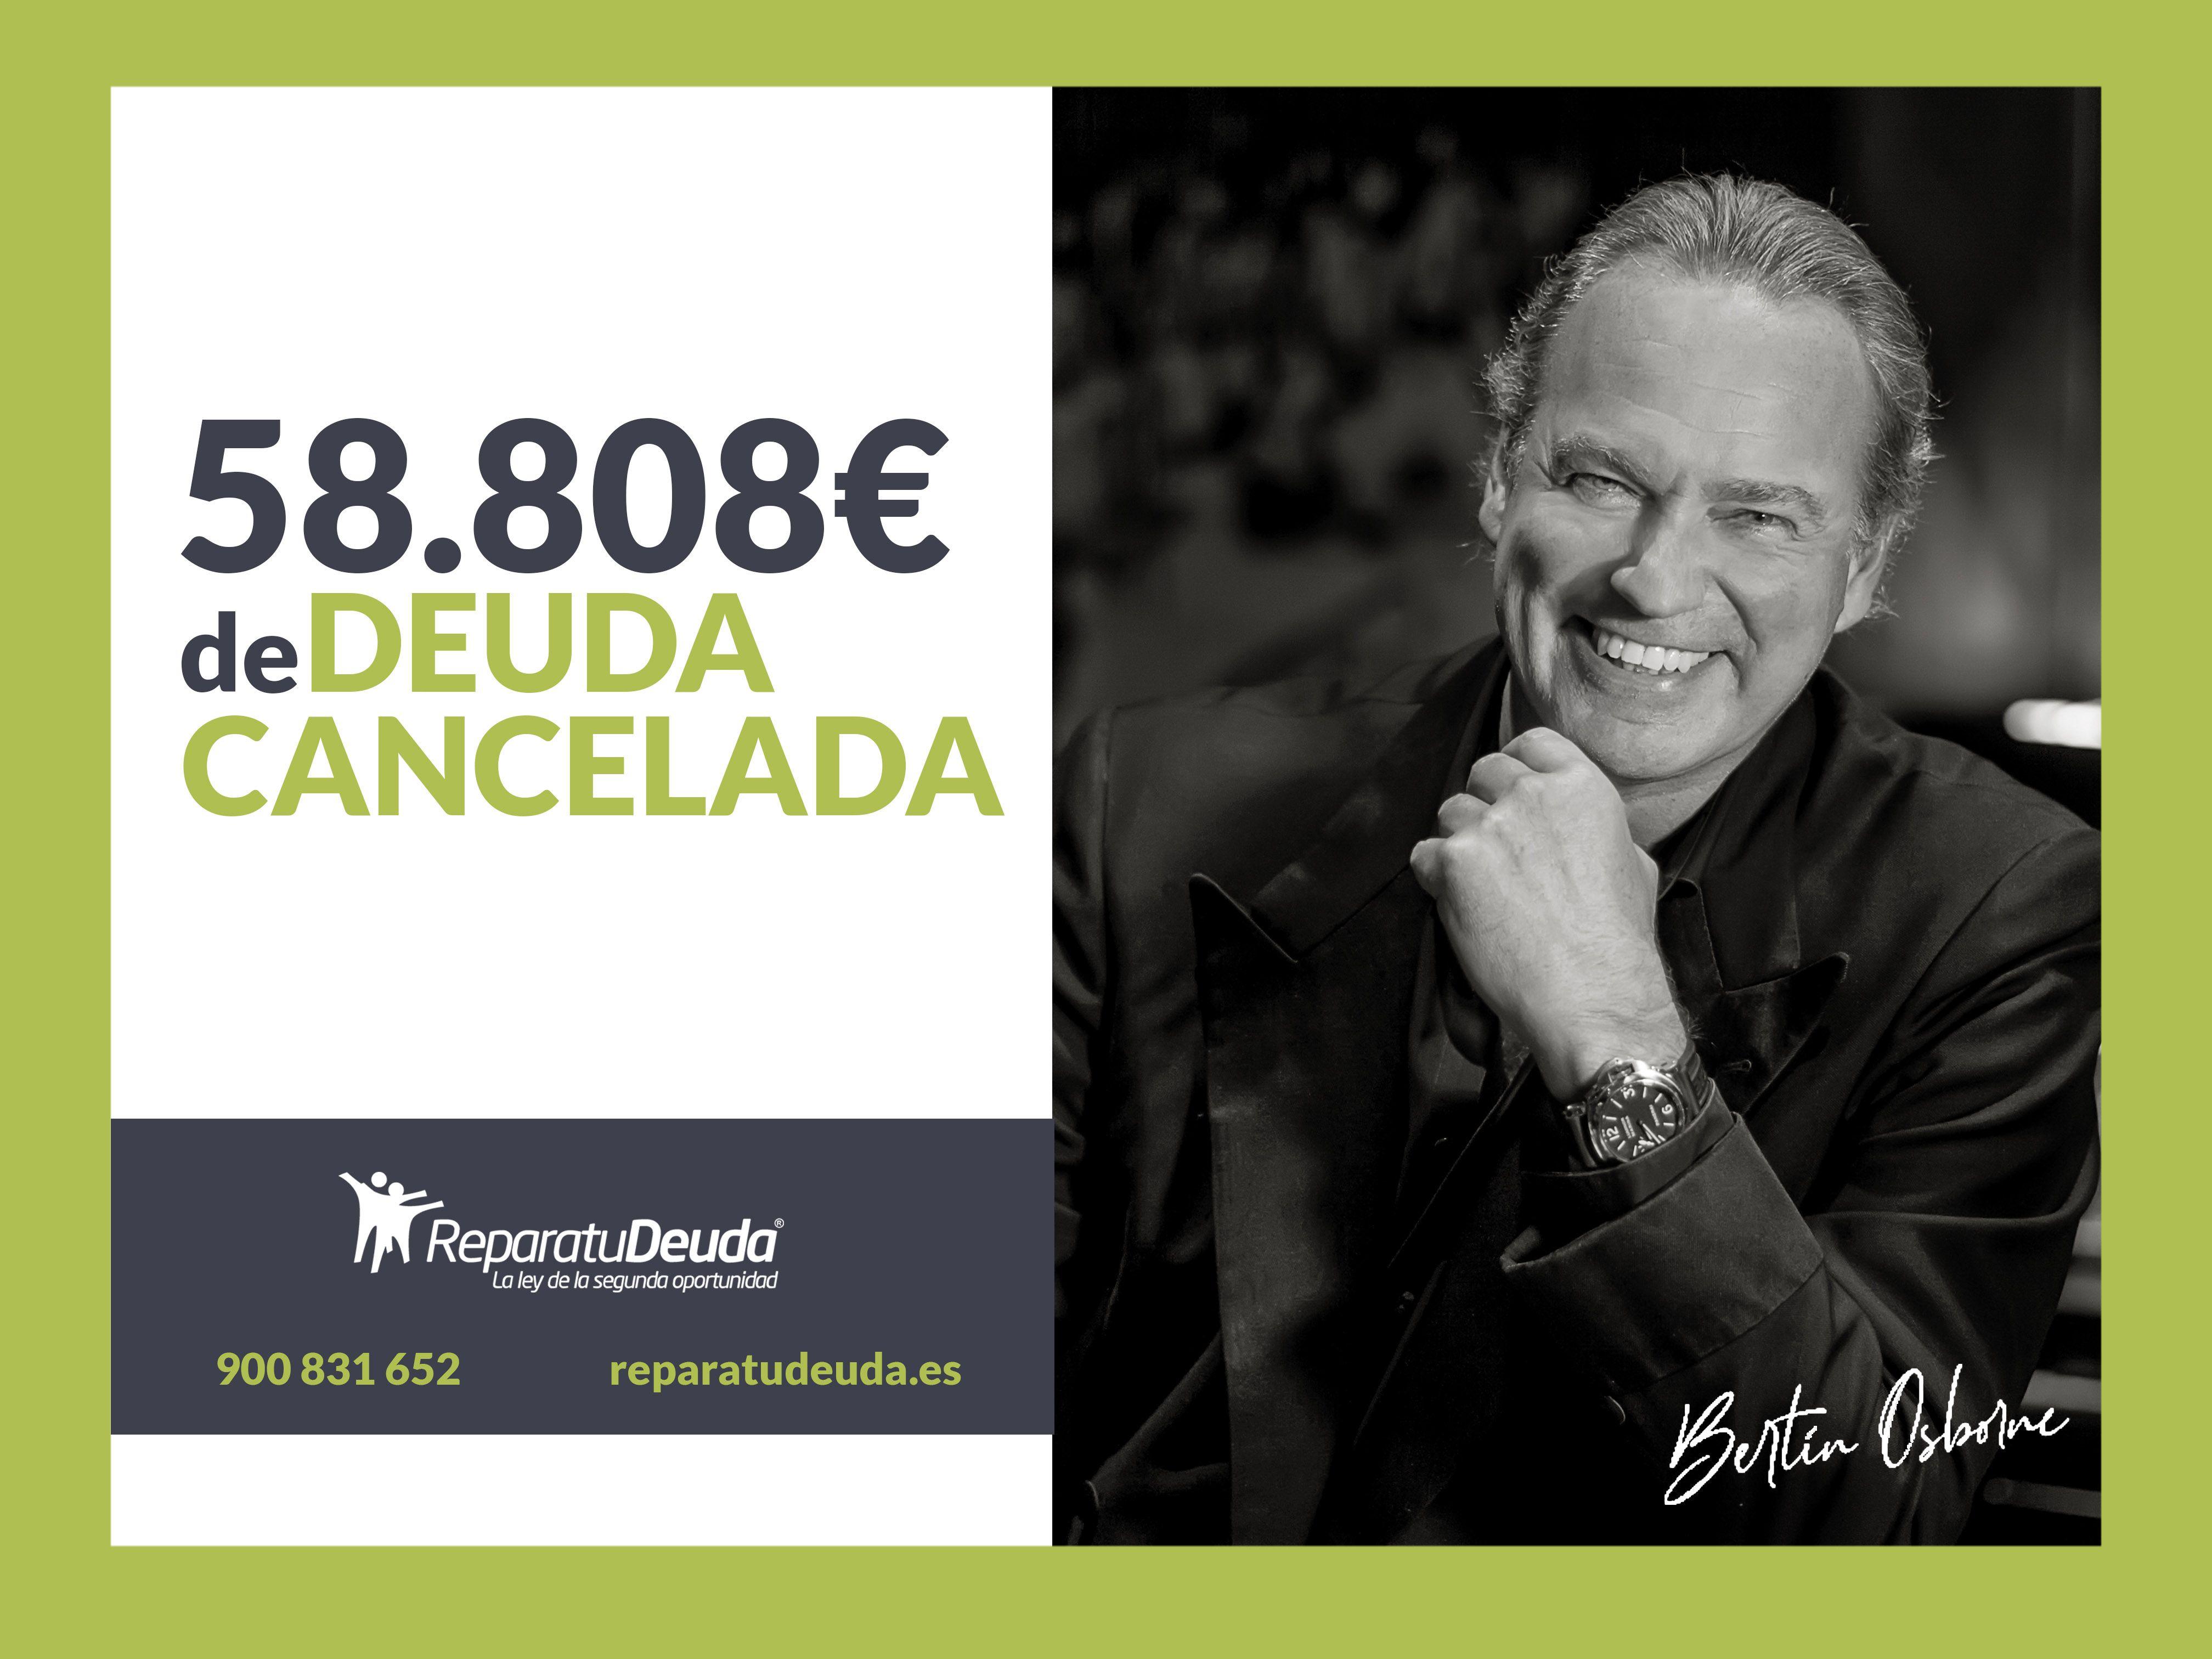 Repara tu Deuda Abogados cancela 58.808 ? con 12 bancos a un vecino de Granollers (Barcelona)